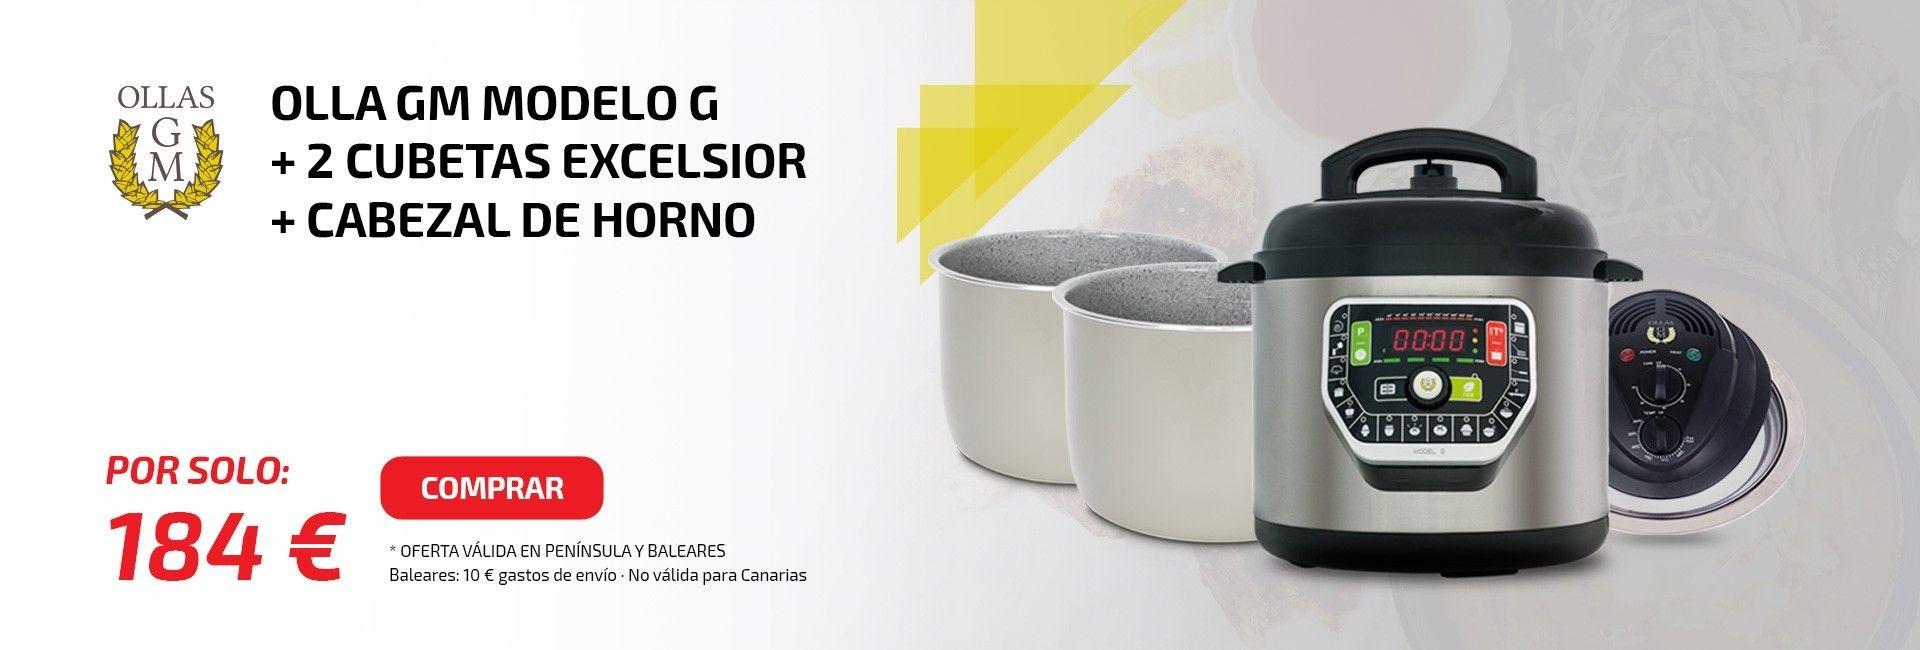 OLLA GM MODELO G + 2 CUBETAS EXCELSIOR + CABEZAL DE HORNO